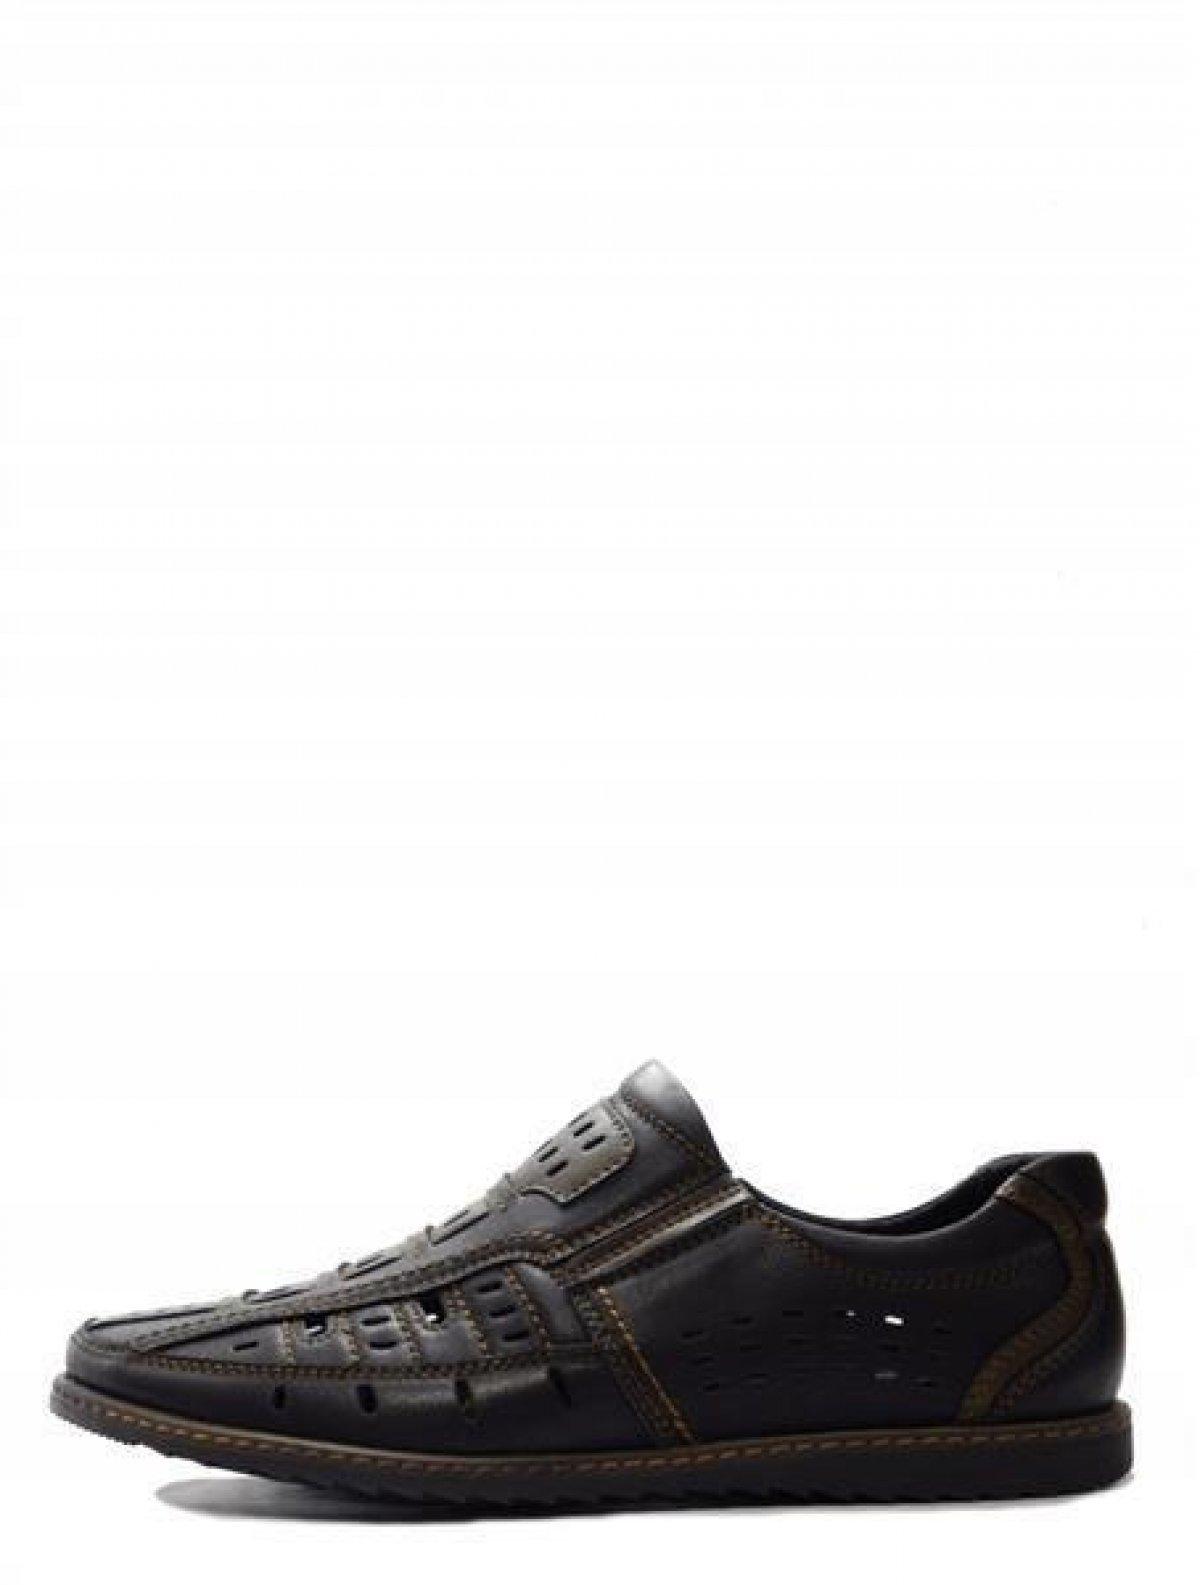 617768-5 мужские туфли